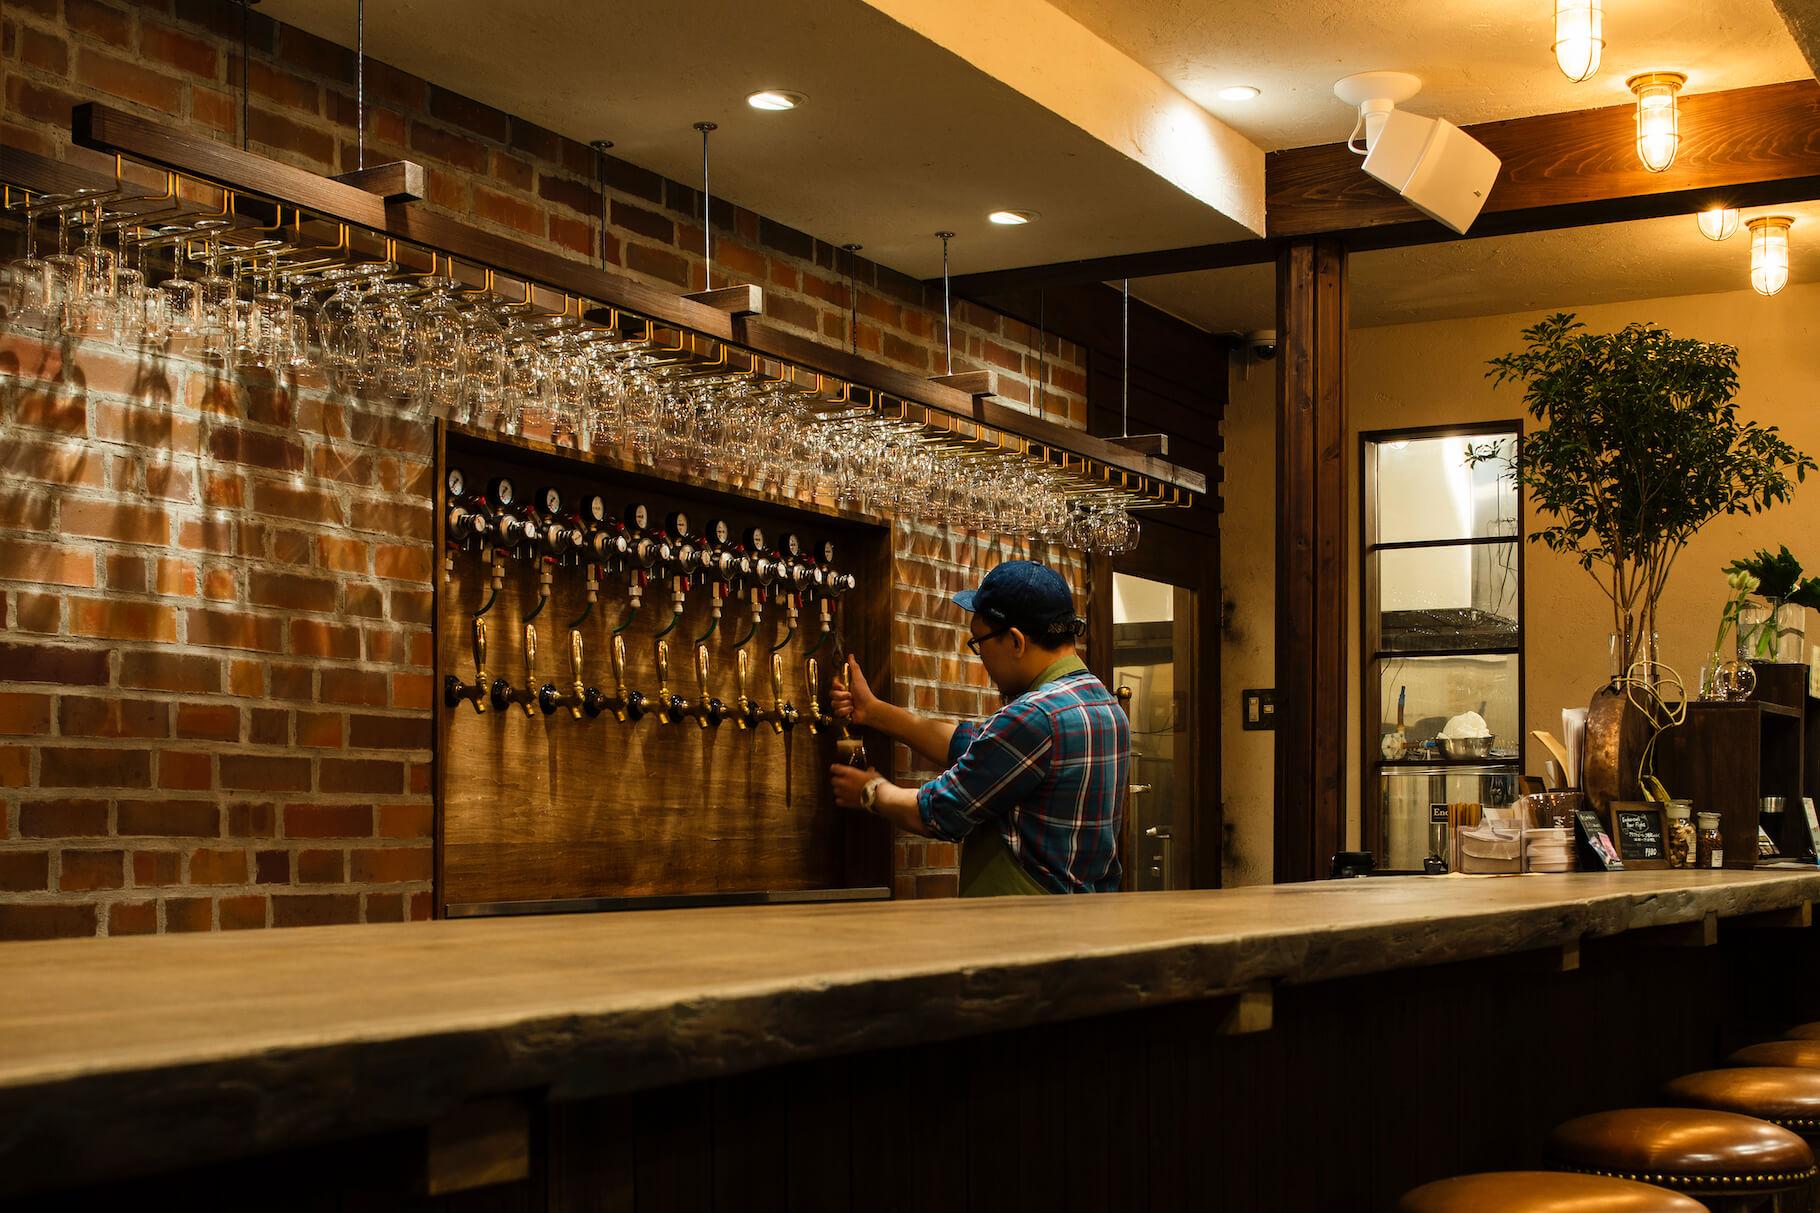 写真:10種類までクラフトビールが楽しめる。壁は野幌産のレンガを埋め込んだもの